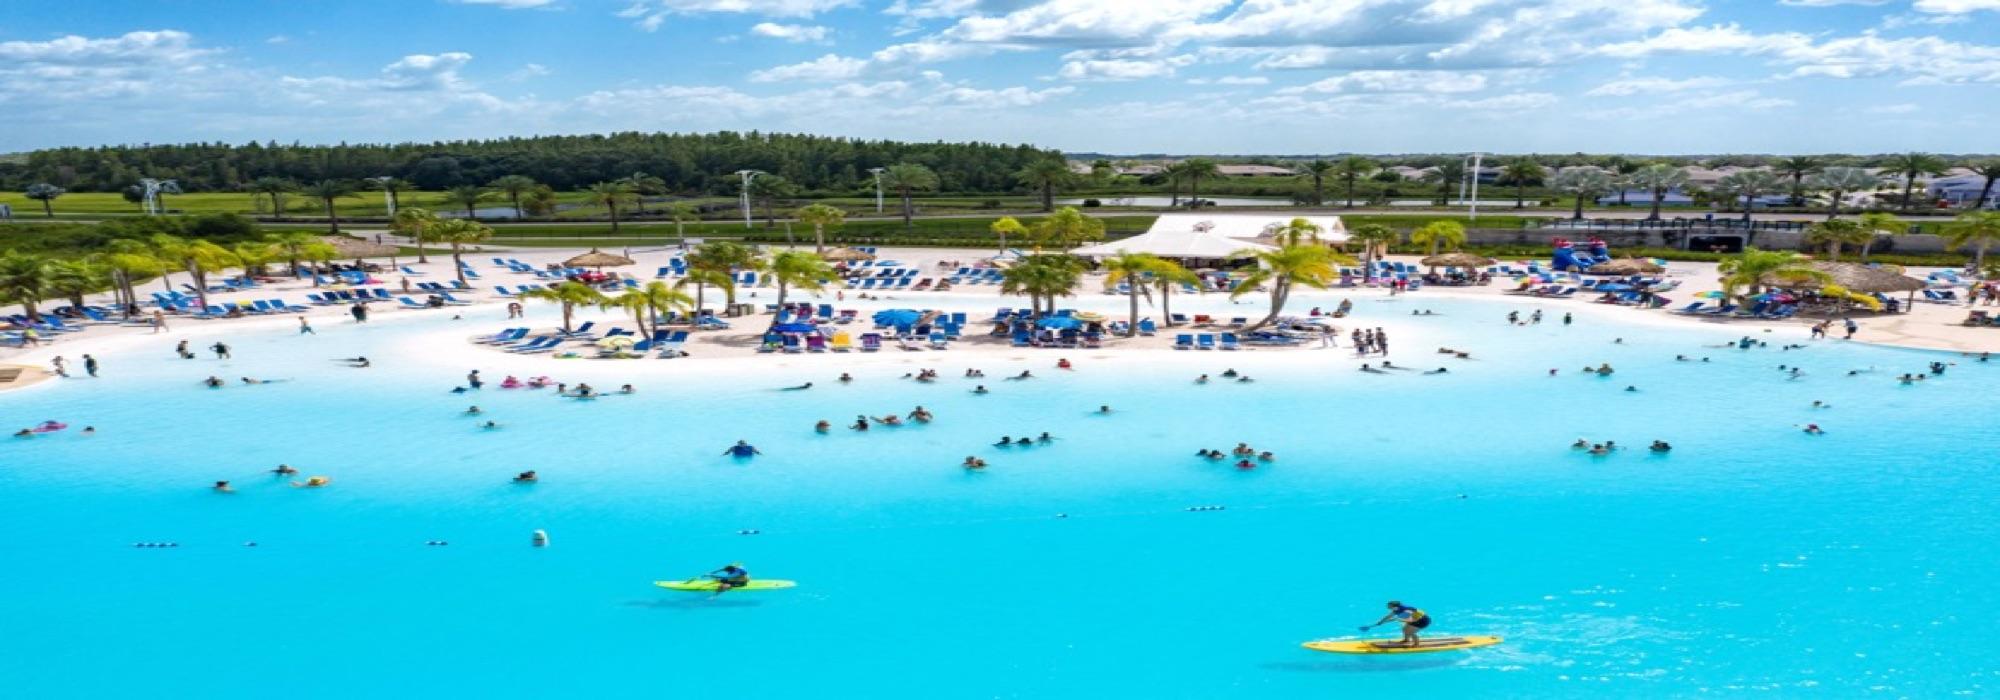 Almendro Villas – Santa Rosalia Lake & Life Resort – Torre Pacheco